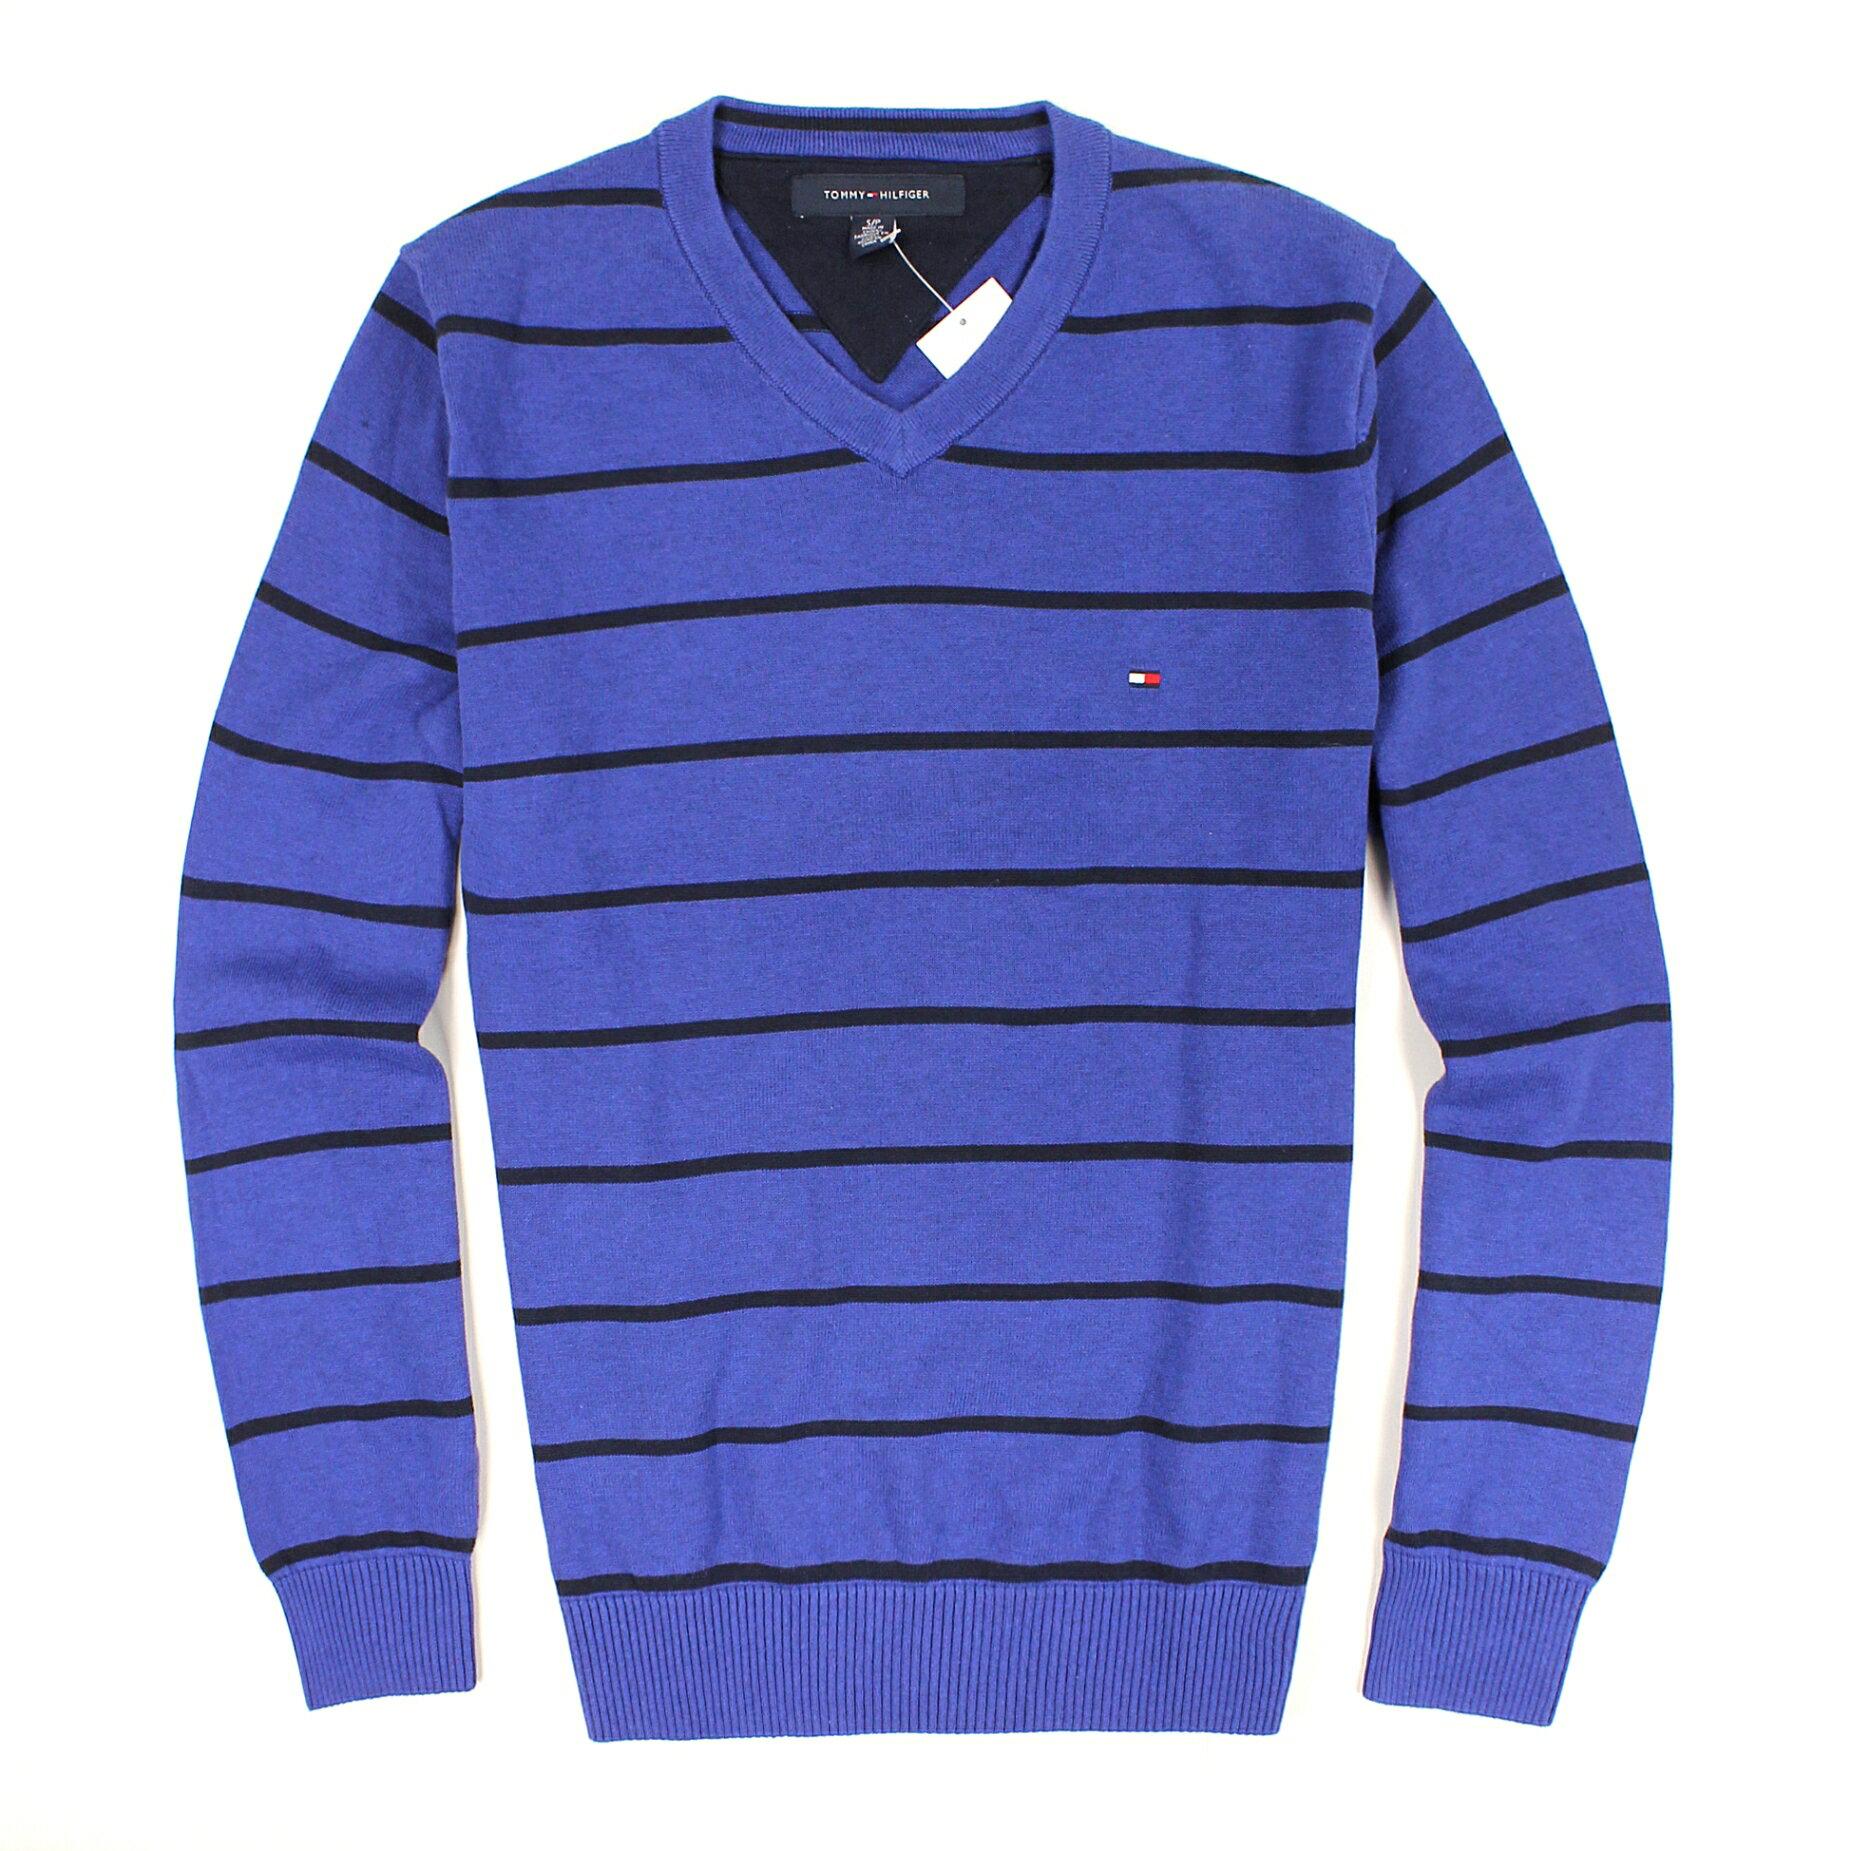 美國百分百【全新真品】Tommy Hilfiger 針織衫 TH 線衫 棉質毛衣 寶藍 條紋 純棉 V領 免運 男 S B610